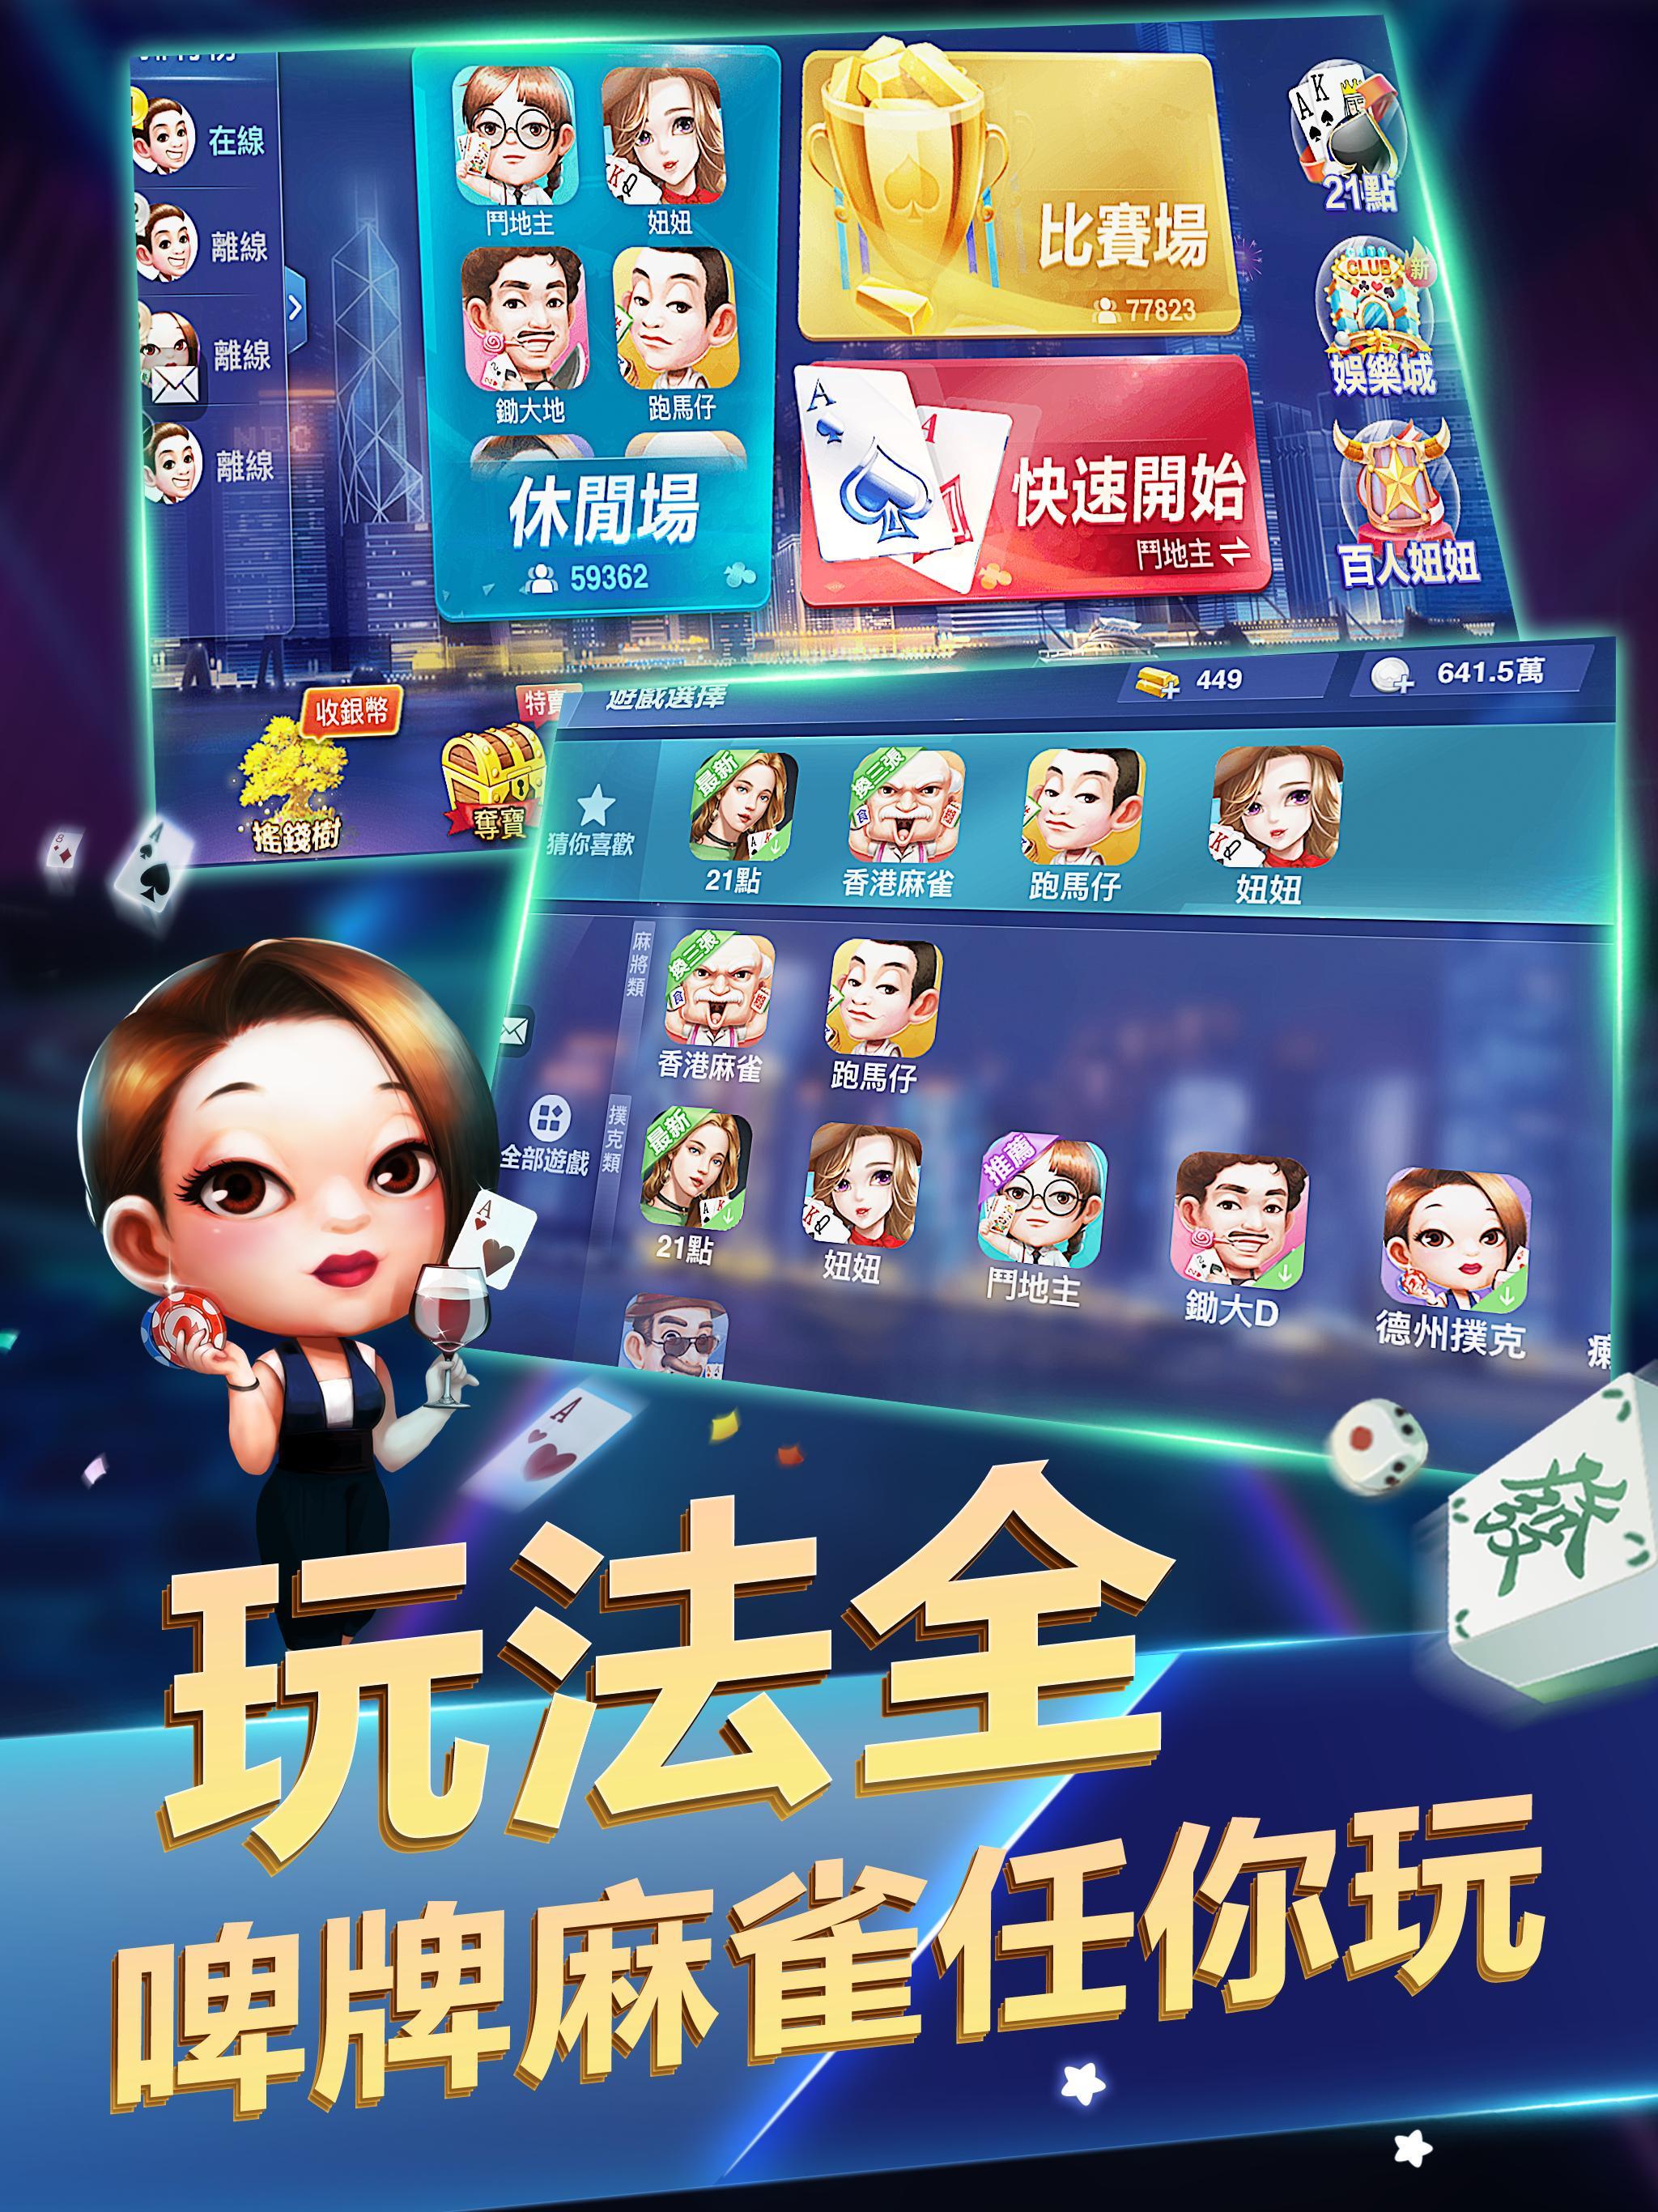 開心鬥一番 港式麻雀 跑馬仔 鋤大D等5 IN 1 3.6.4 Screenshot 7